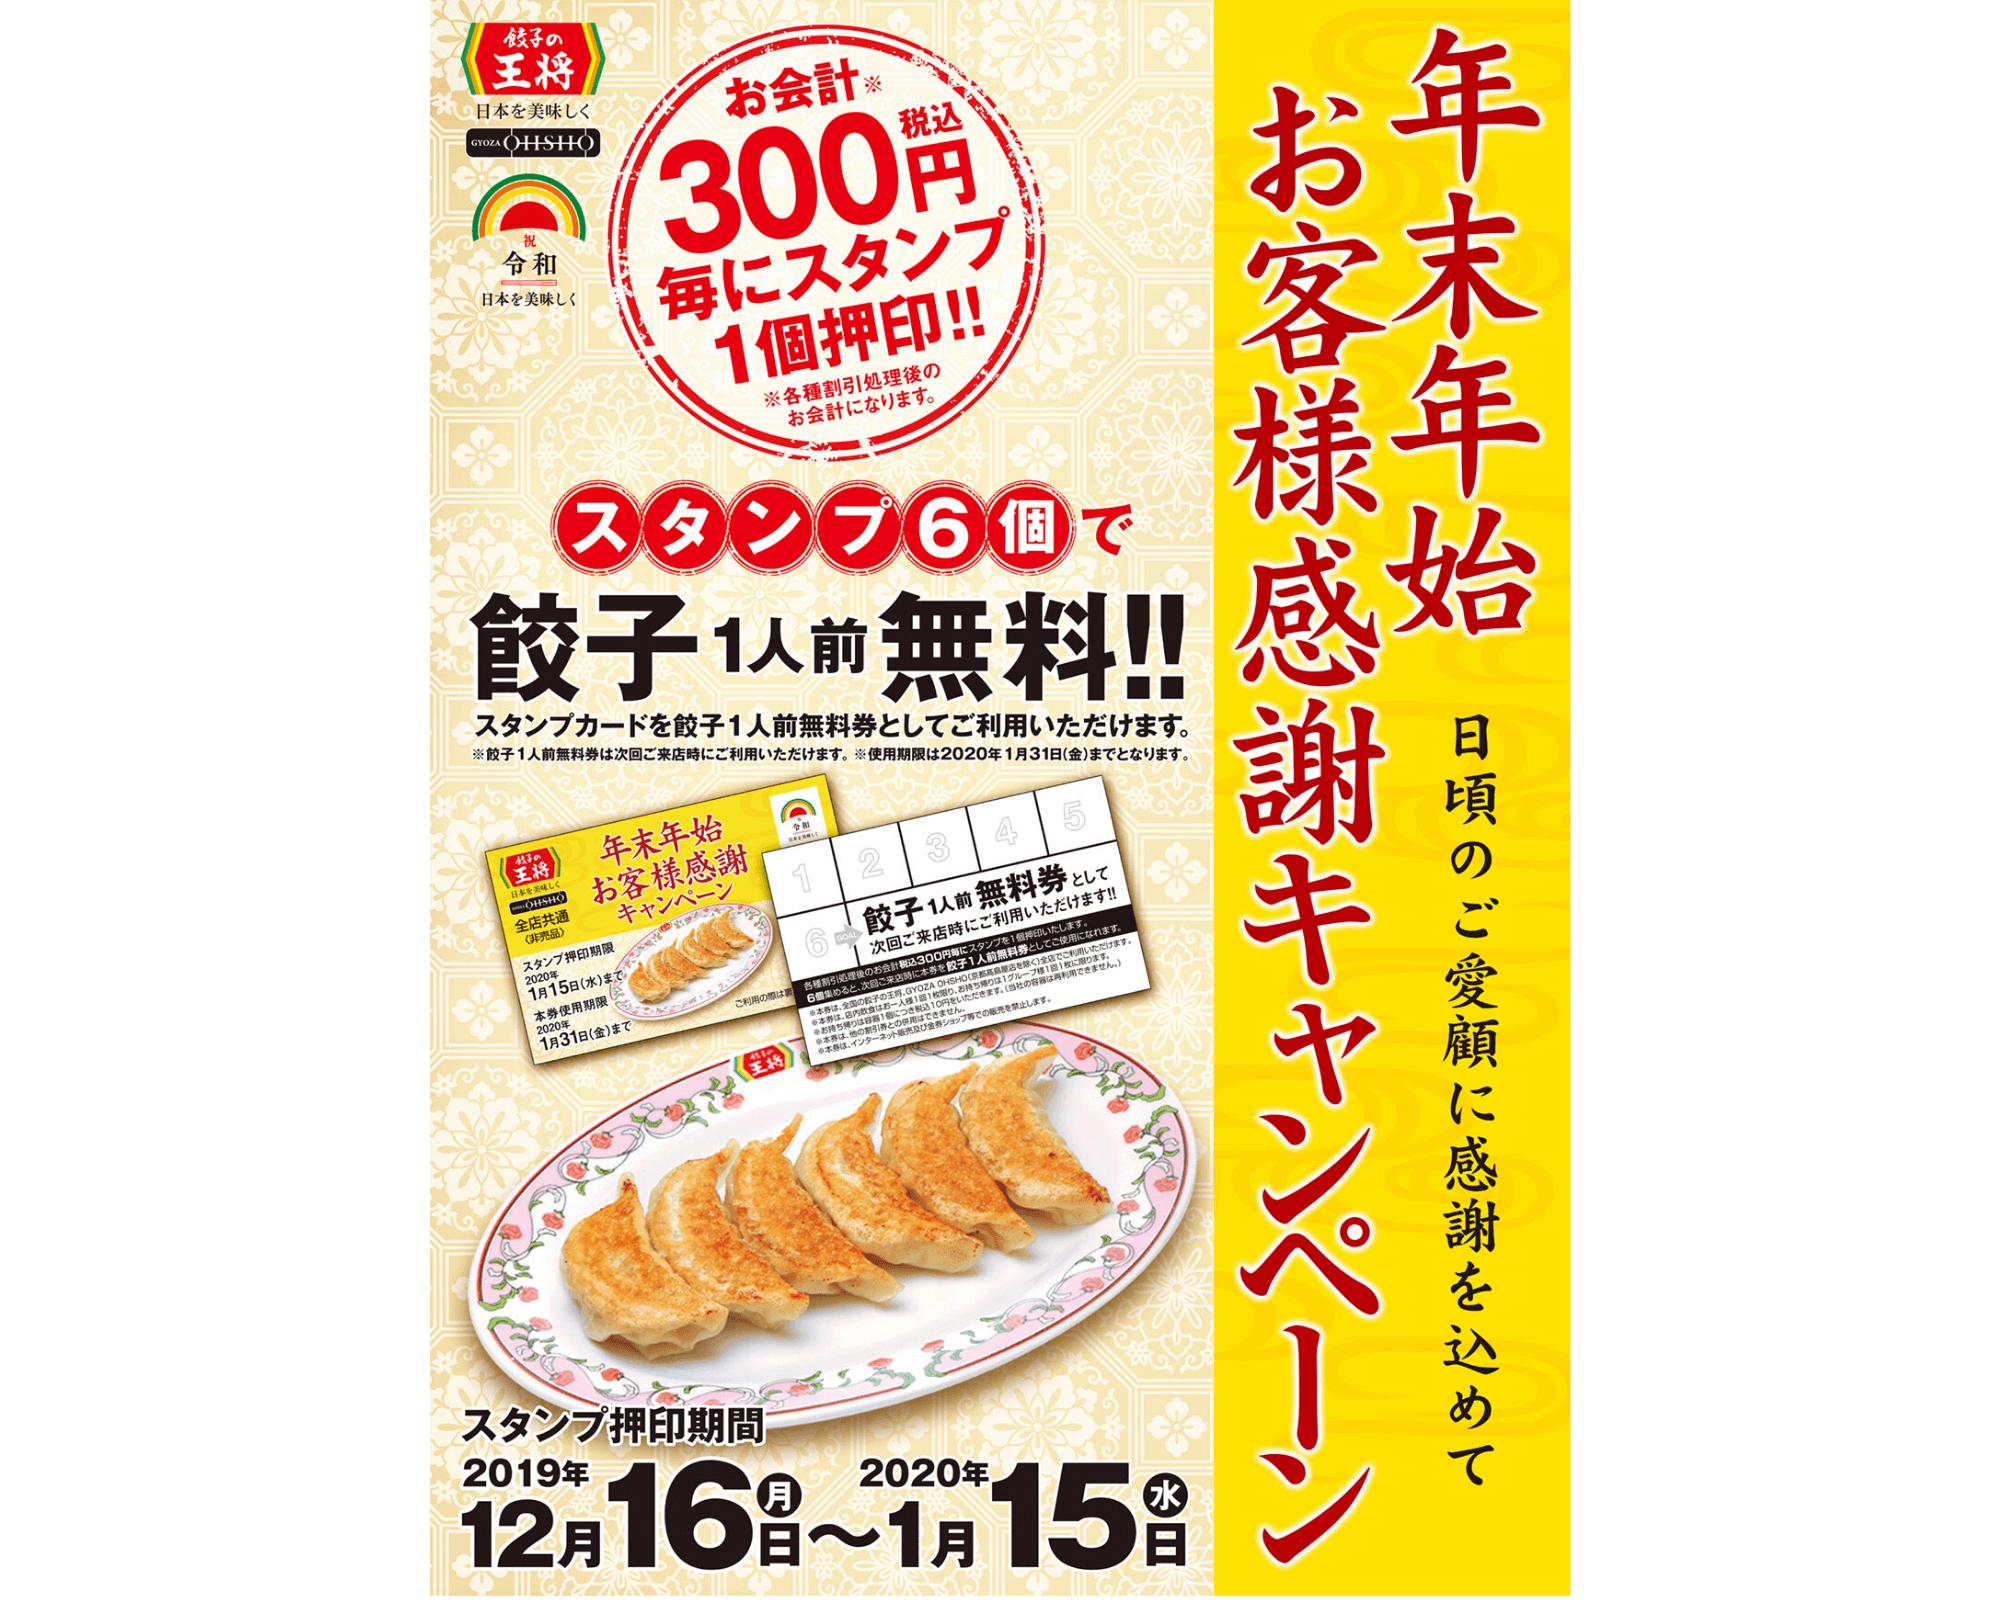 餃子の王将の『年末年始お客様感謝キャンペーン』